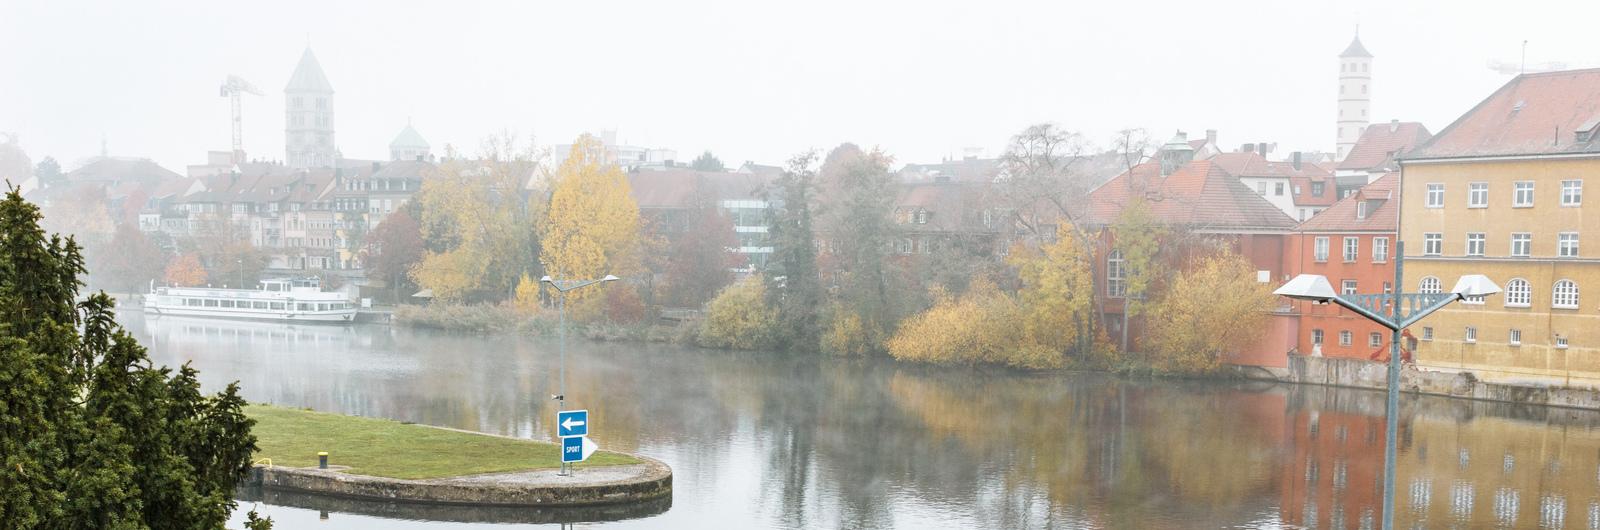 schweinfurt city header